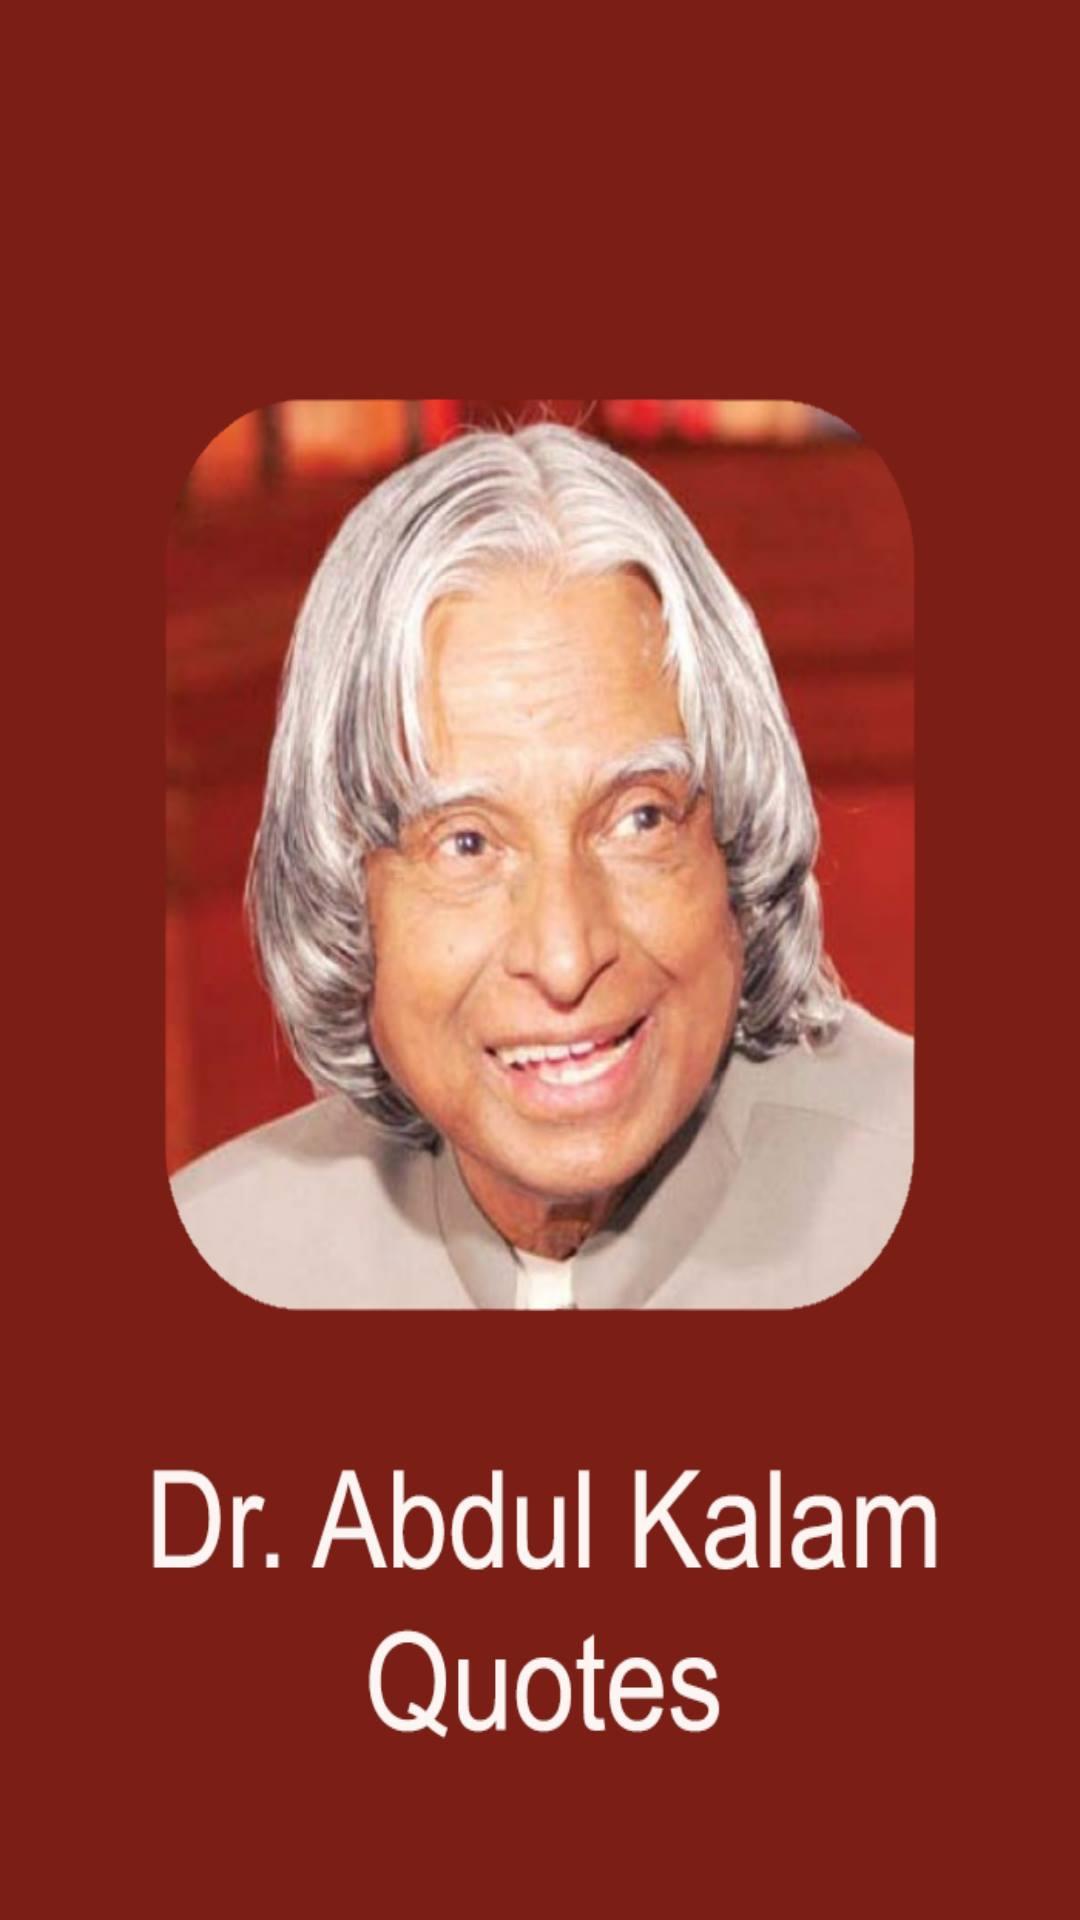 101 Apj Abdul Kalam Quotes